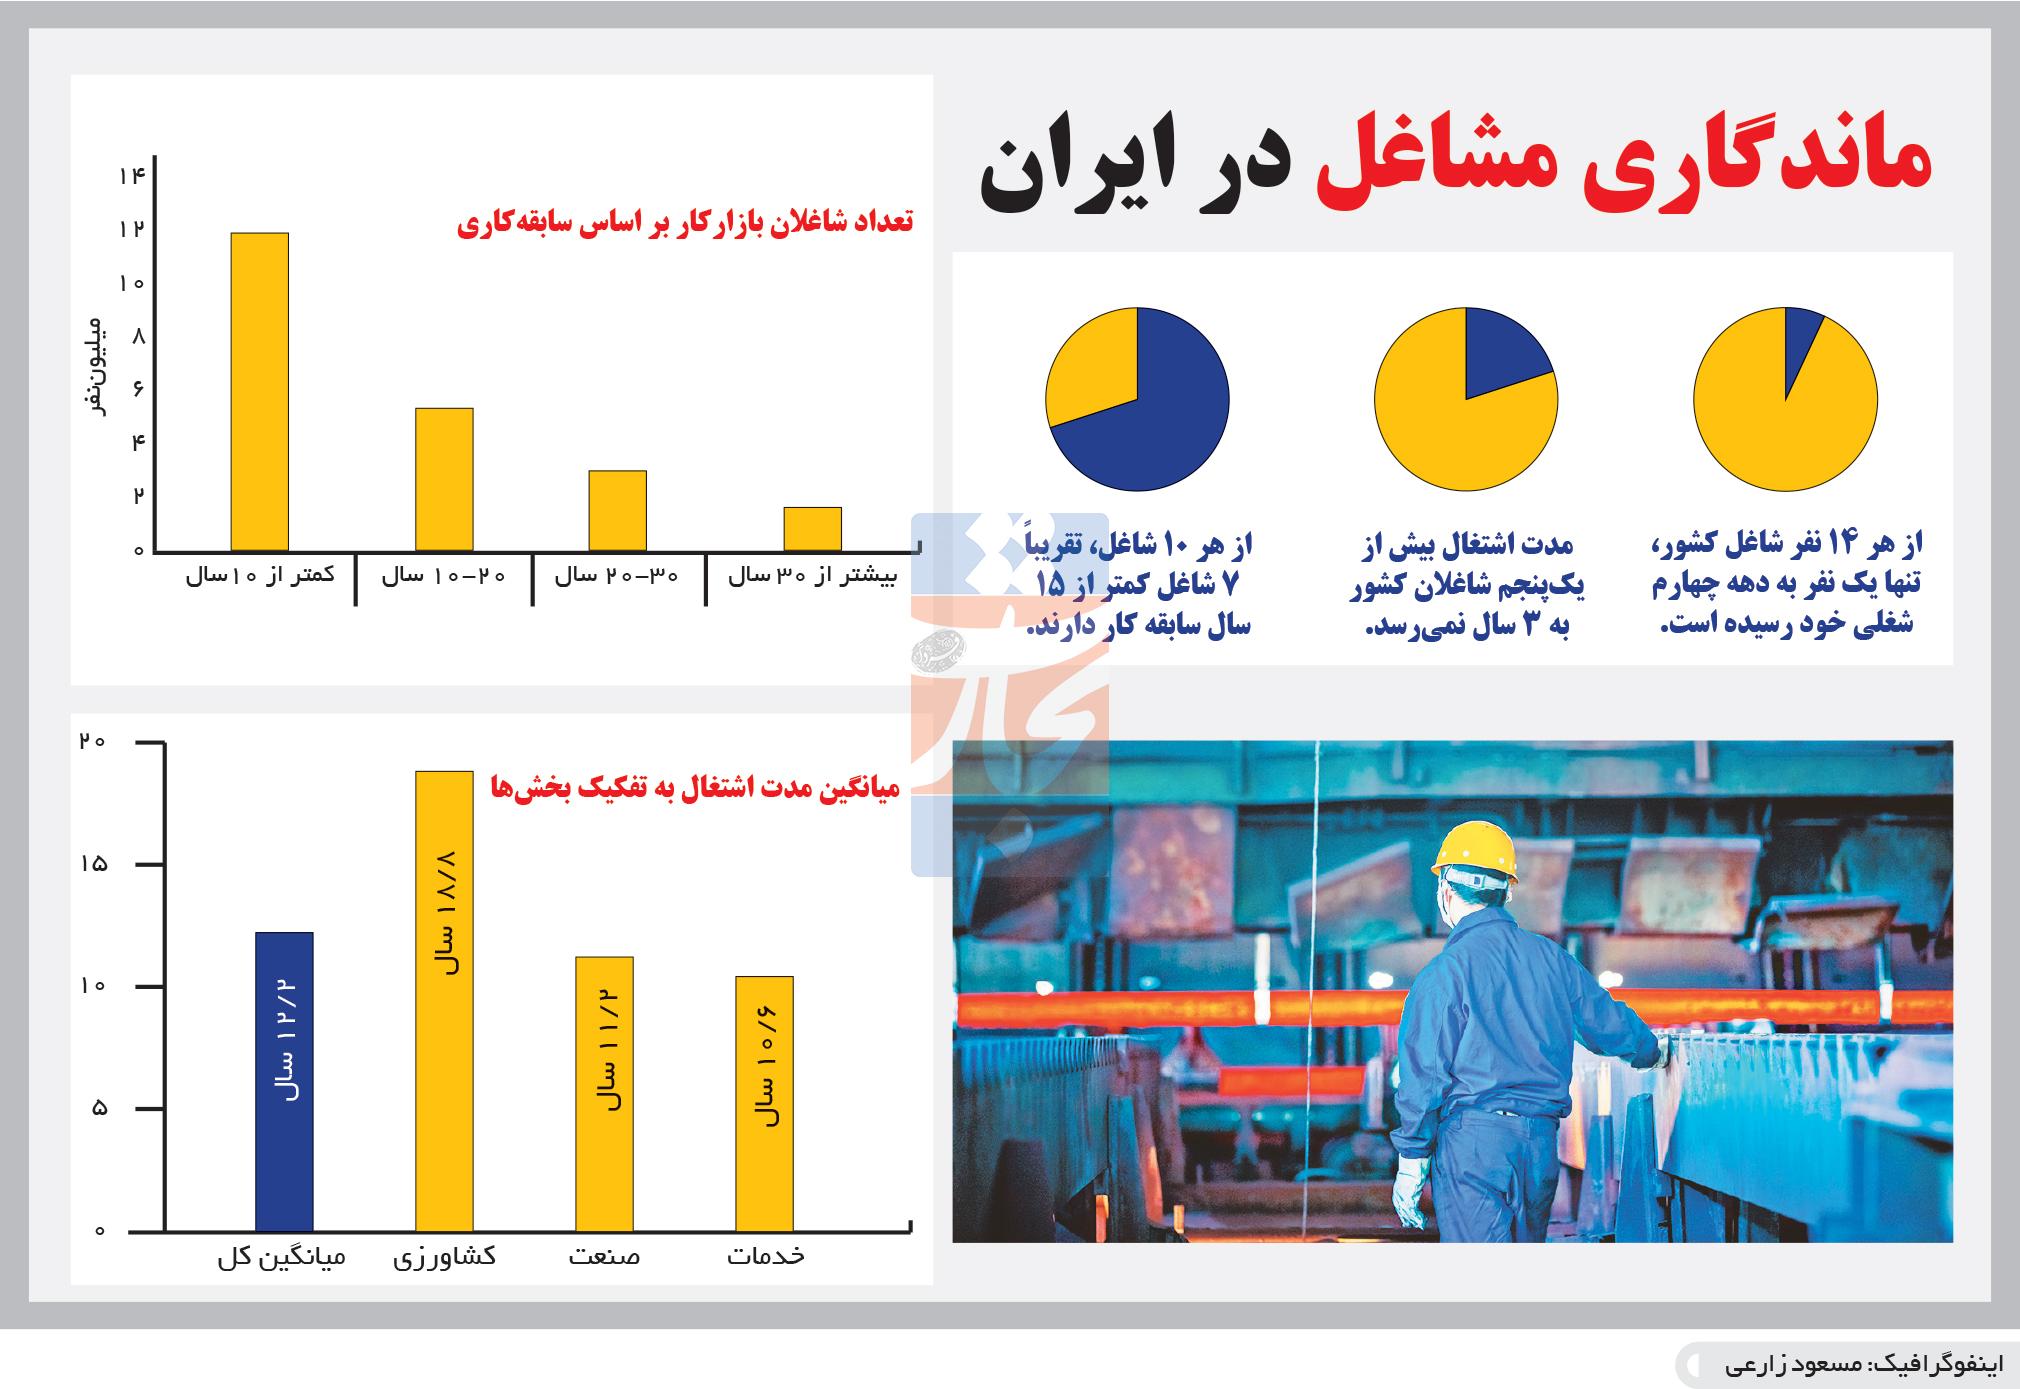 تجارت- فردا- ماندگاری مشاغل در ایران (اینفوگرافیک)